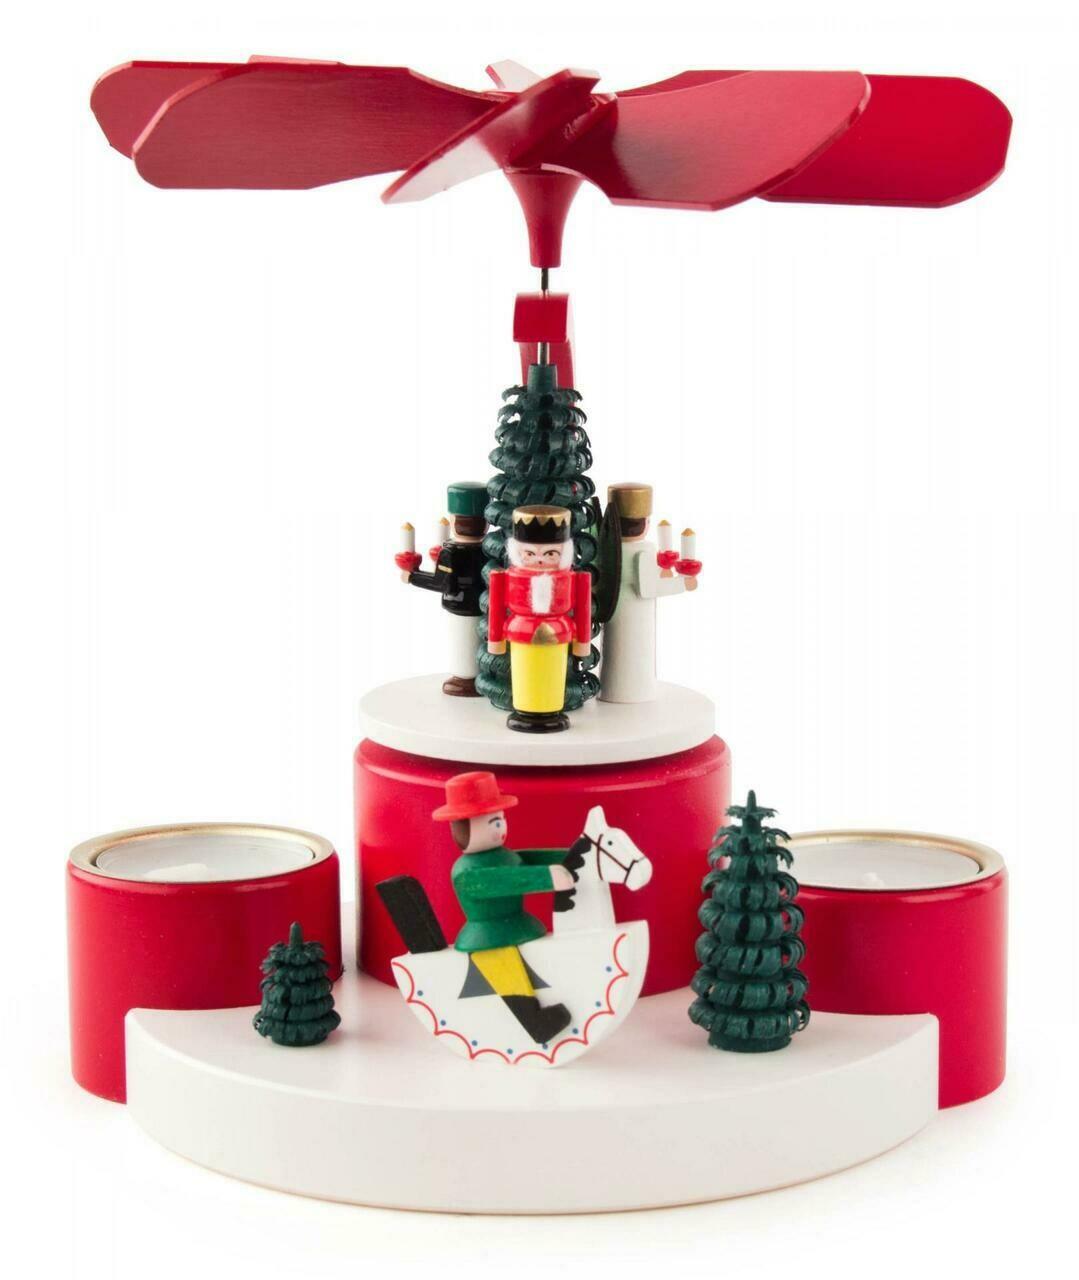 Christmas Holiday Fun Red Christmas Pyramid